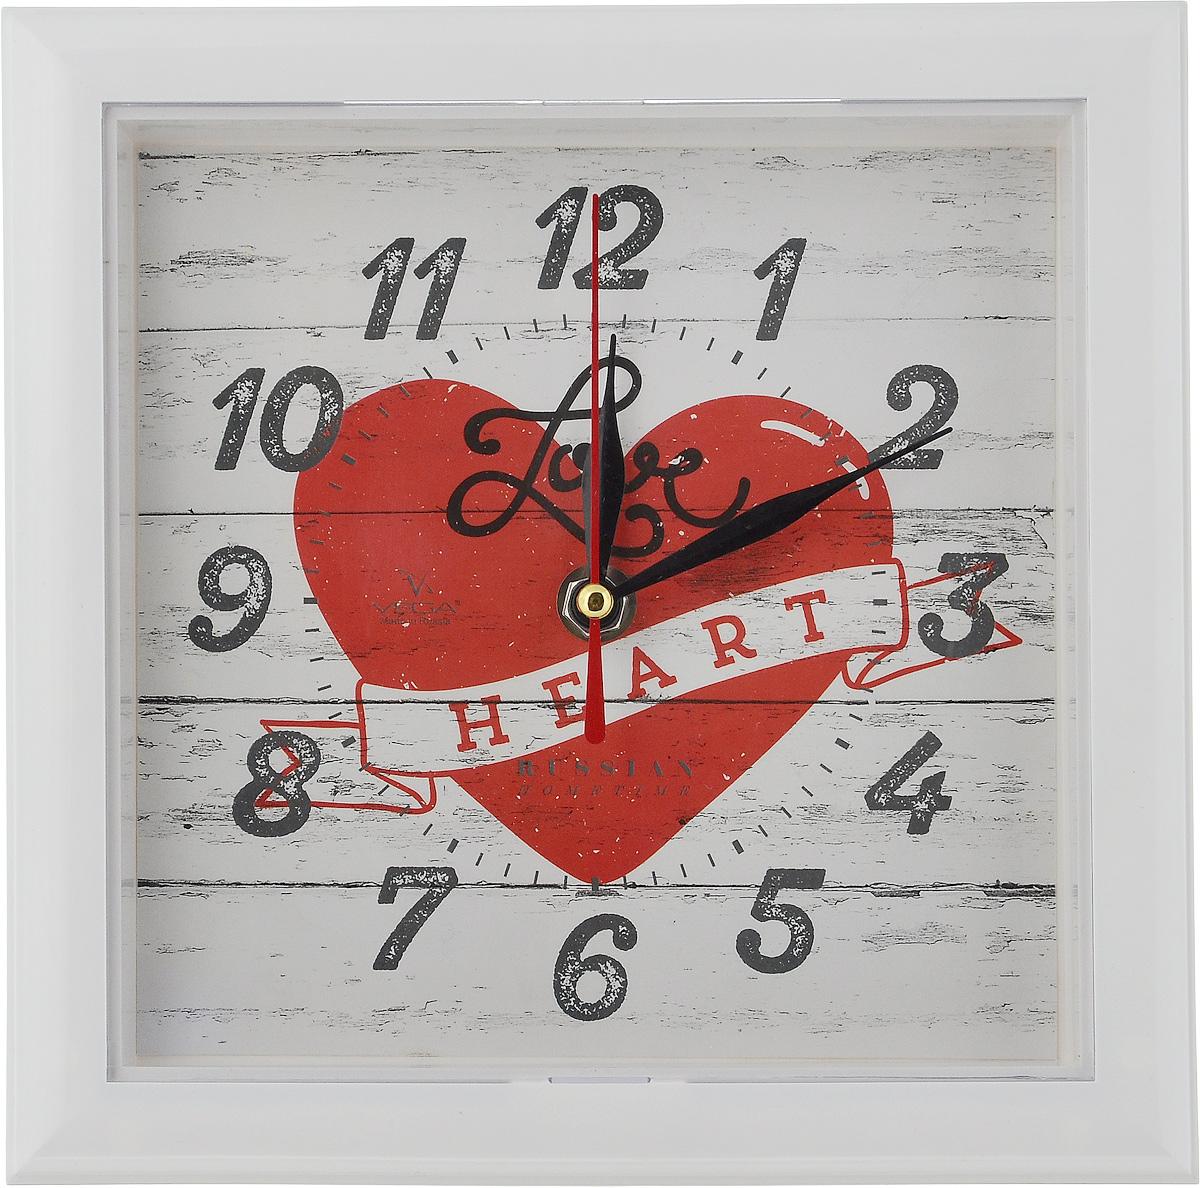 Часы настенные Вега Сердце, 20,6 х 20,6 х 3,5 смП3-7-124Настенные кварцевые часы Вега Сердце, изготовленные из пластика, прекрасно впишутся в интерьер вашего дома. Часы имеют три стрелки: часовую, минутную и секундную, циферблат защищен прозрачным стеклом. Часы работают от 1 батарейки типа АА напряжением 1,5 В (не входит в комплект). Размер часов: 20,6 х 20,6 х 3,5 см.